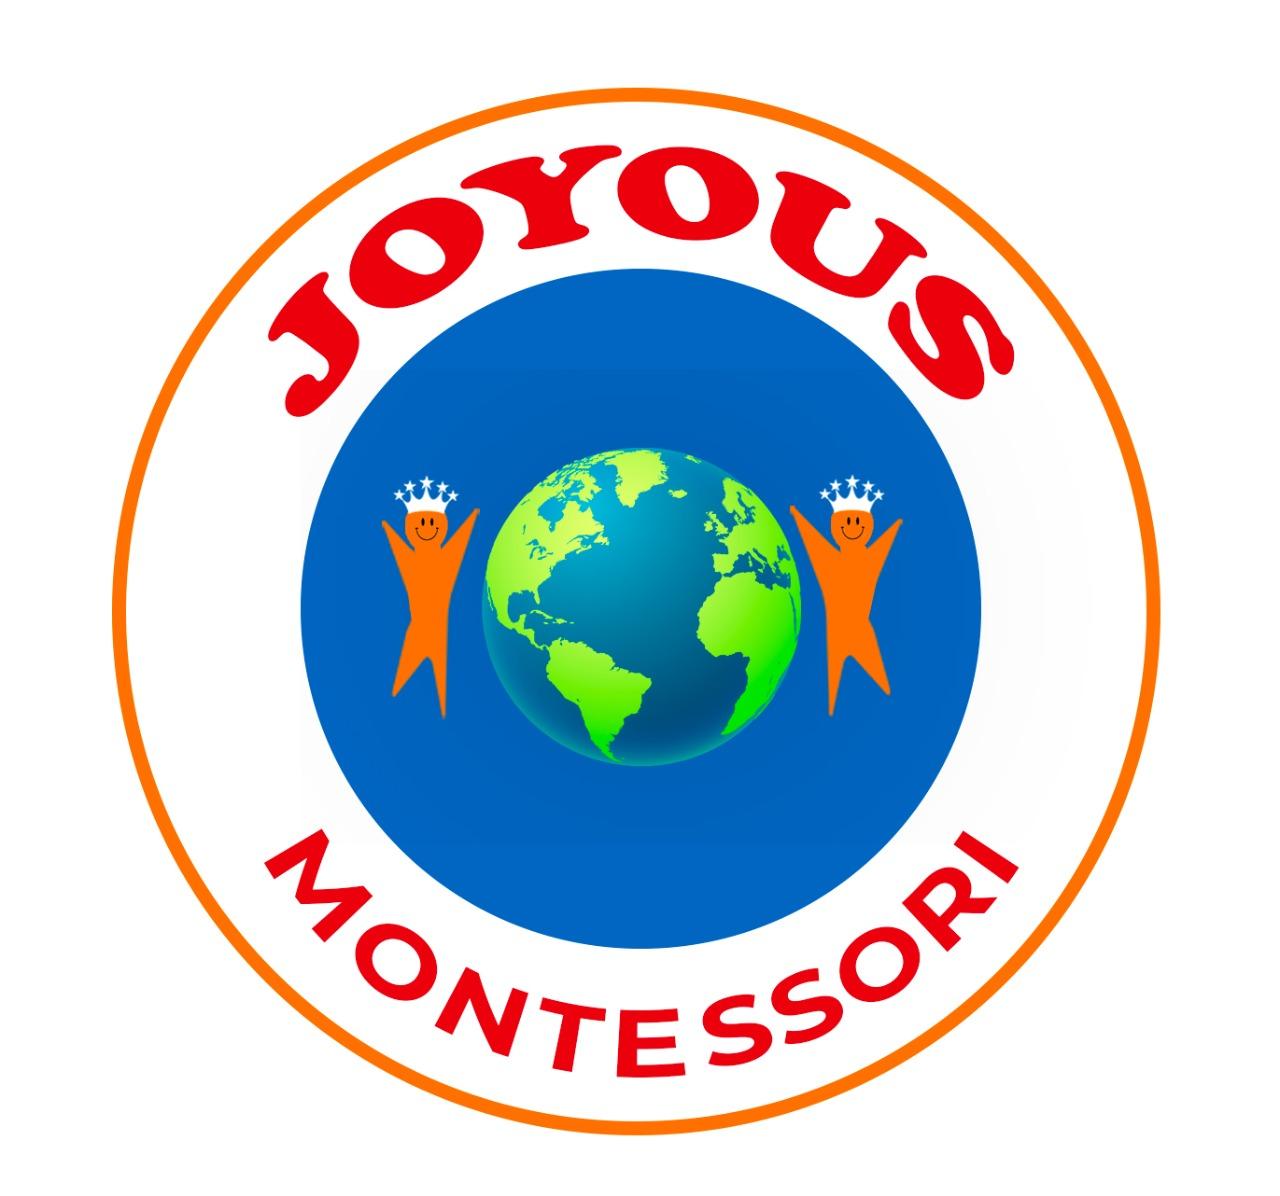 Joyous montessori